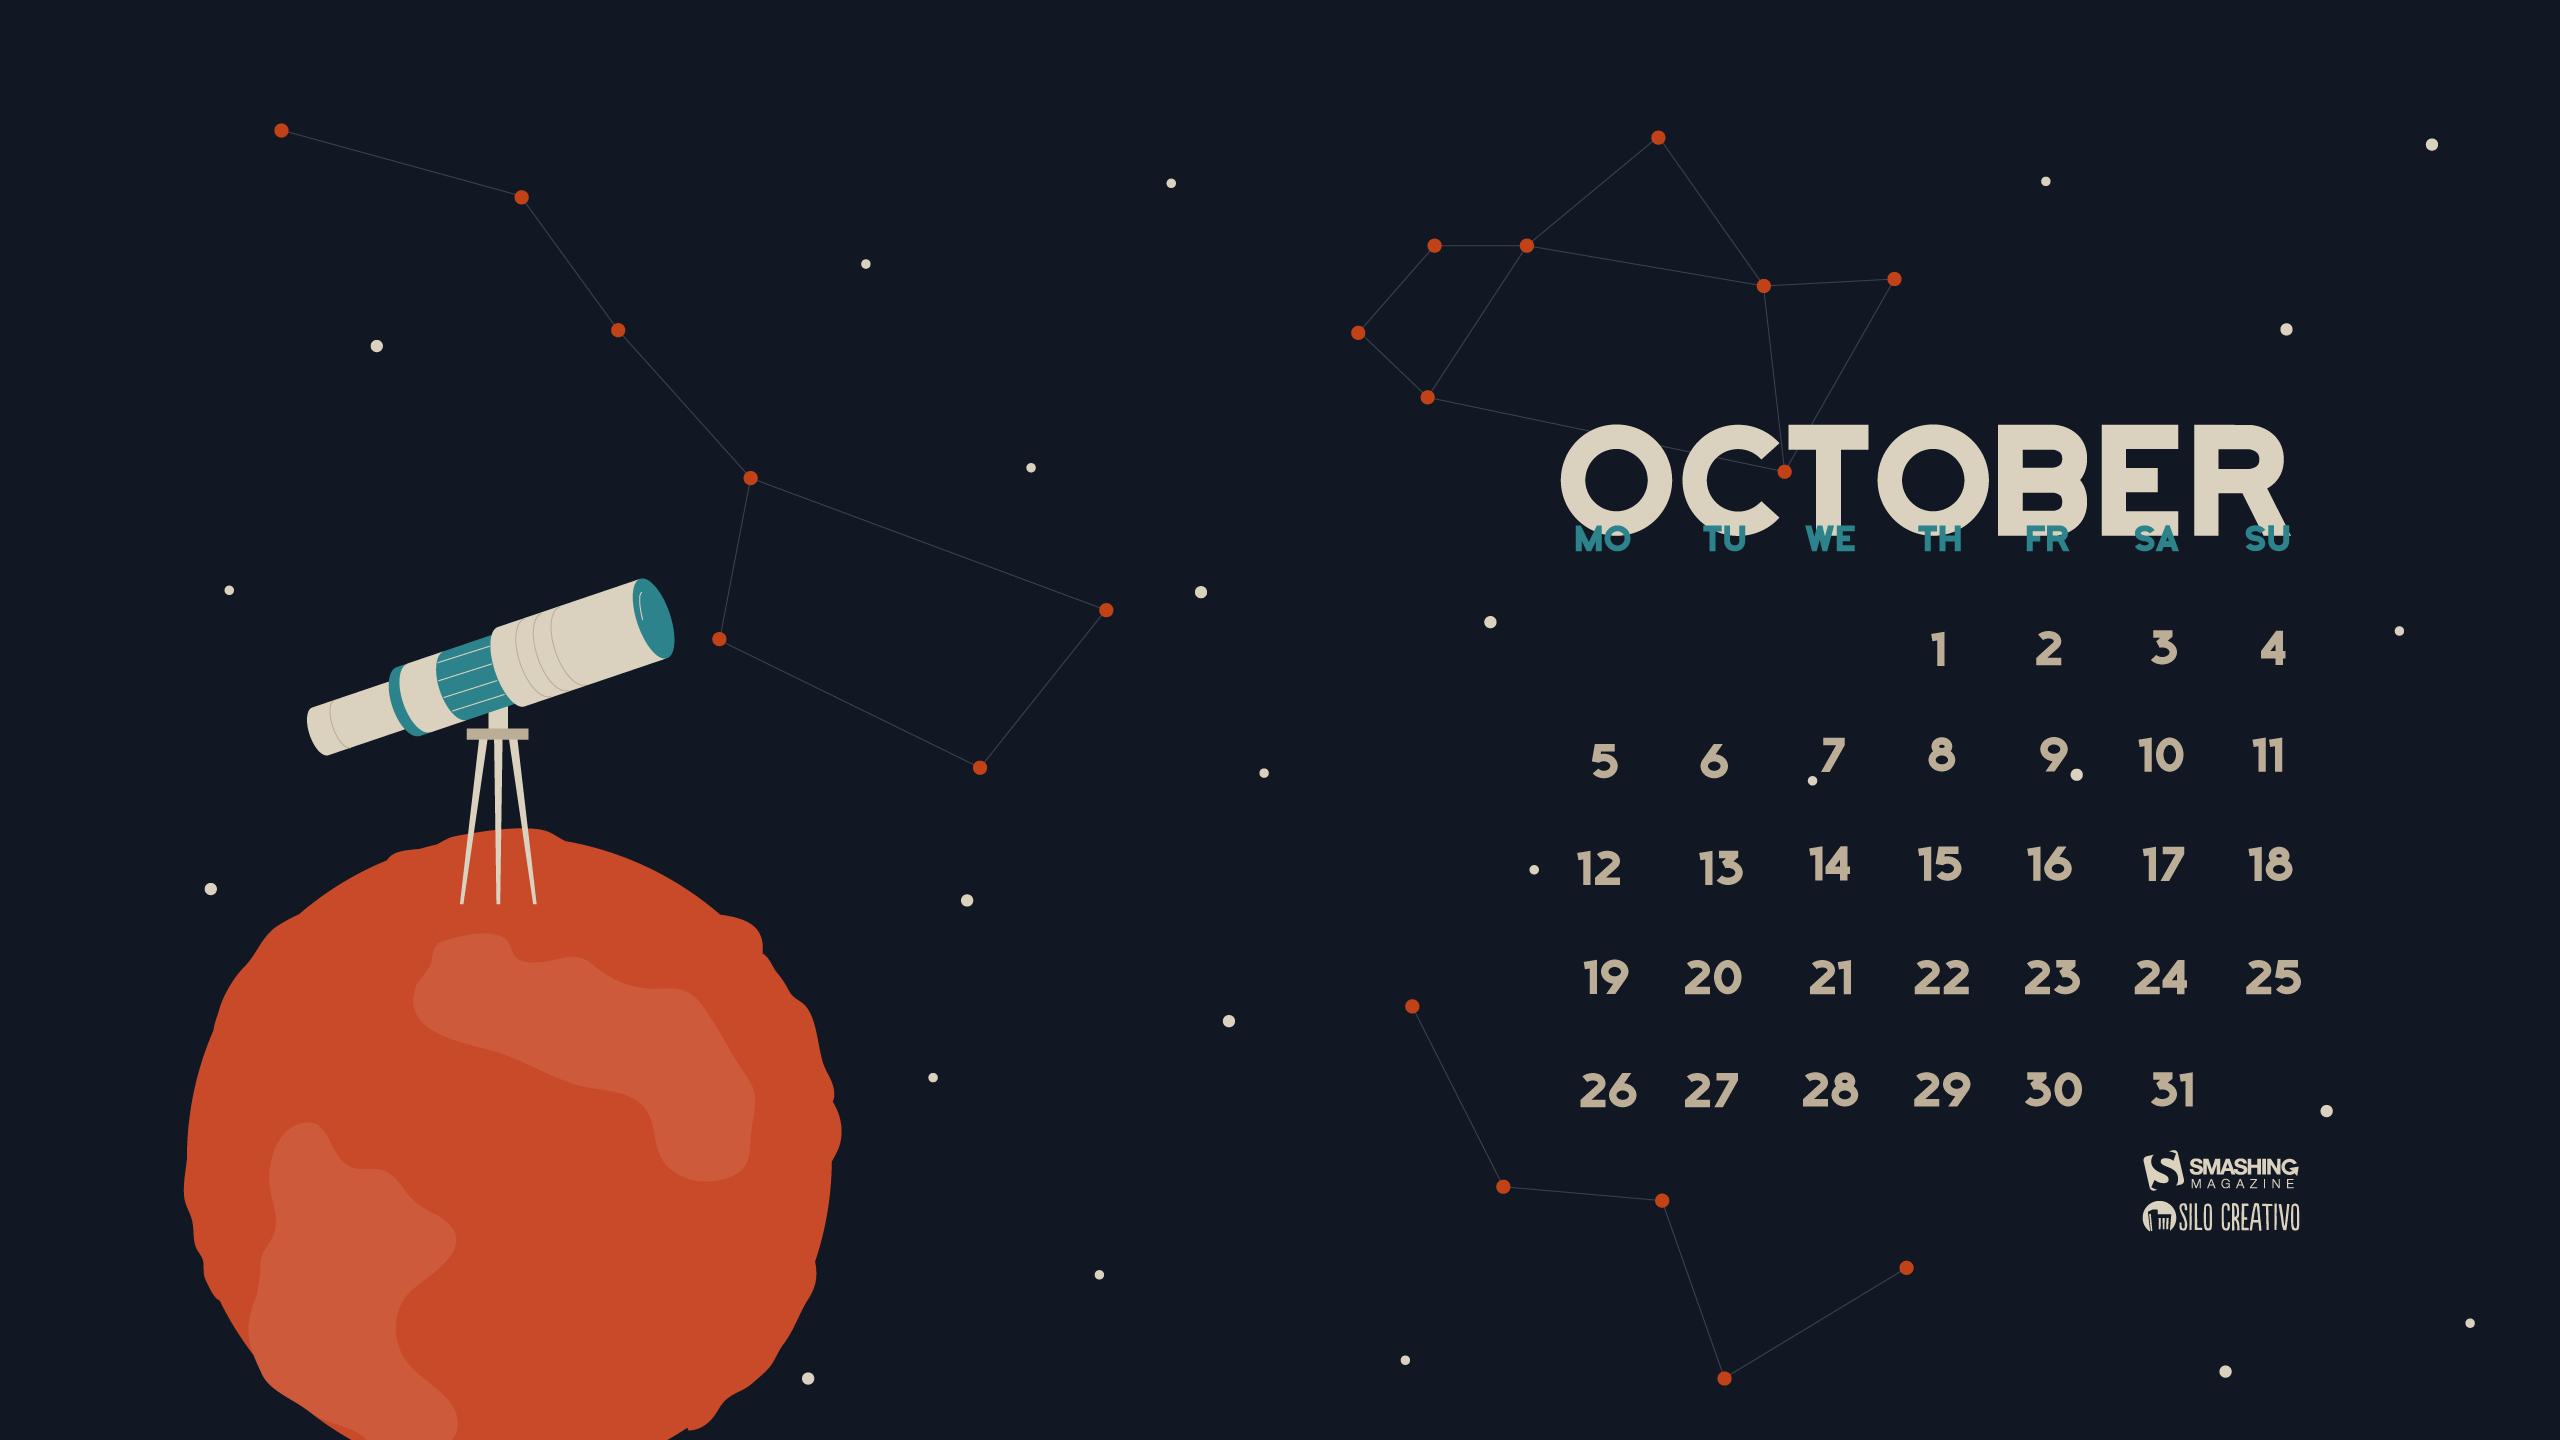 Desktop Wallpaper Calendars: October 2015 — Smashing Magazine inside Smashing Magazine Calendar